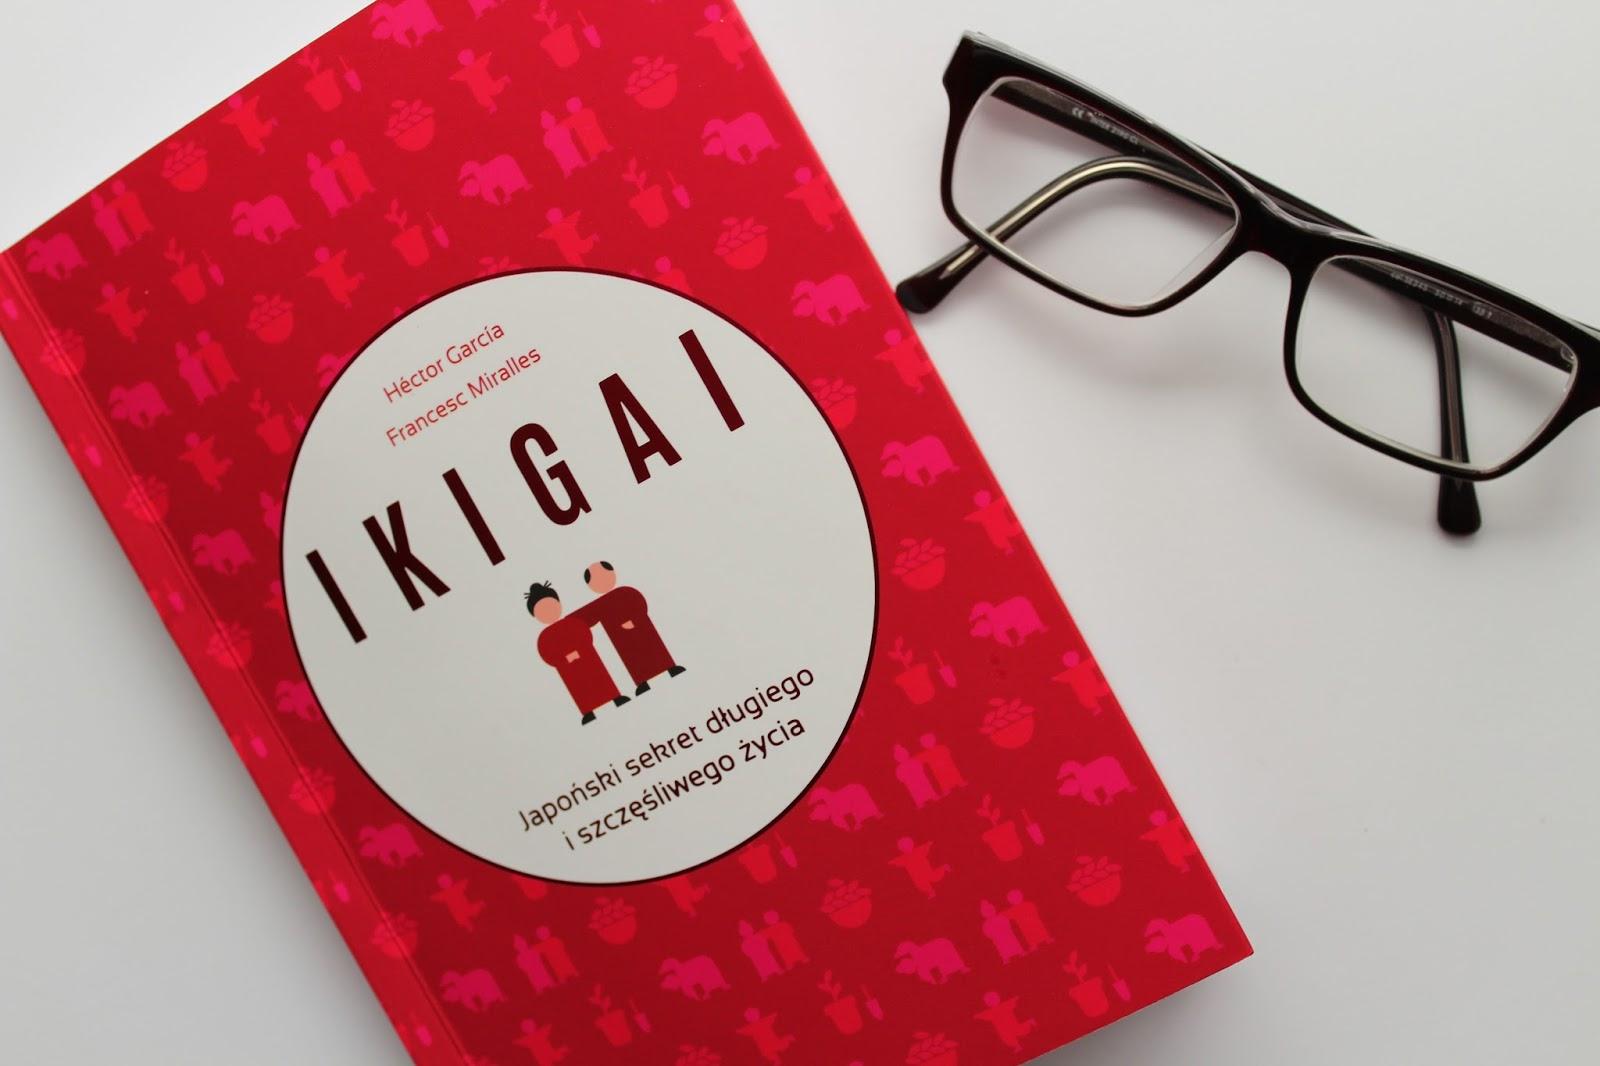 Ikigai / Japoński sekret długiego i szczęśliwego życia / Recenzja